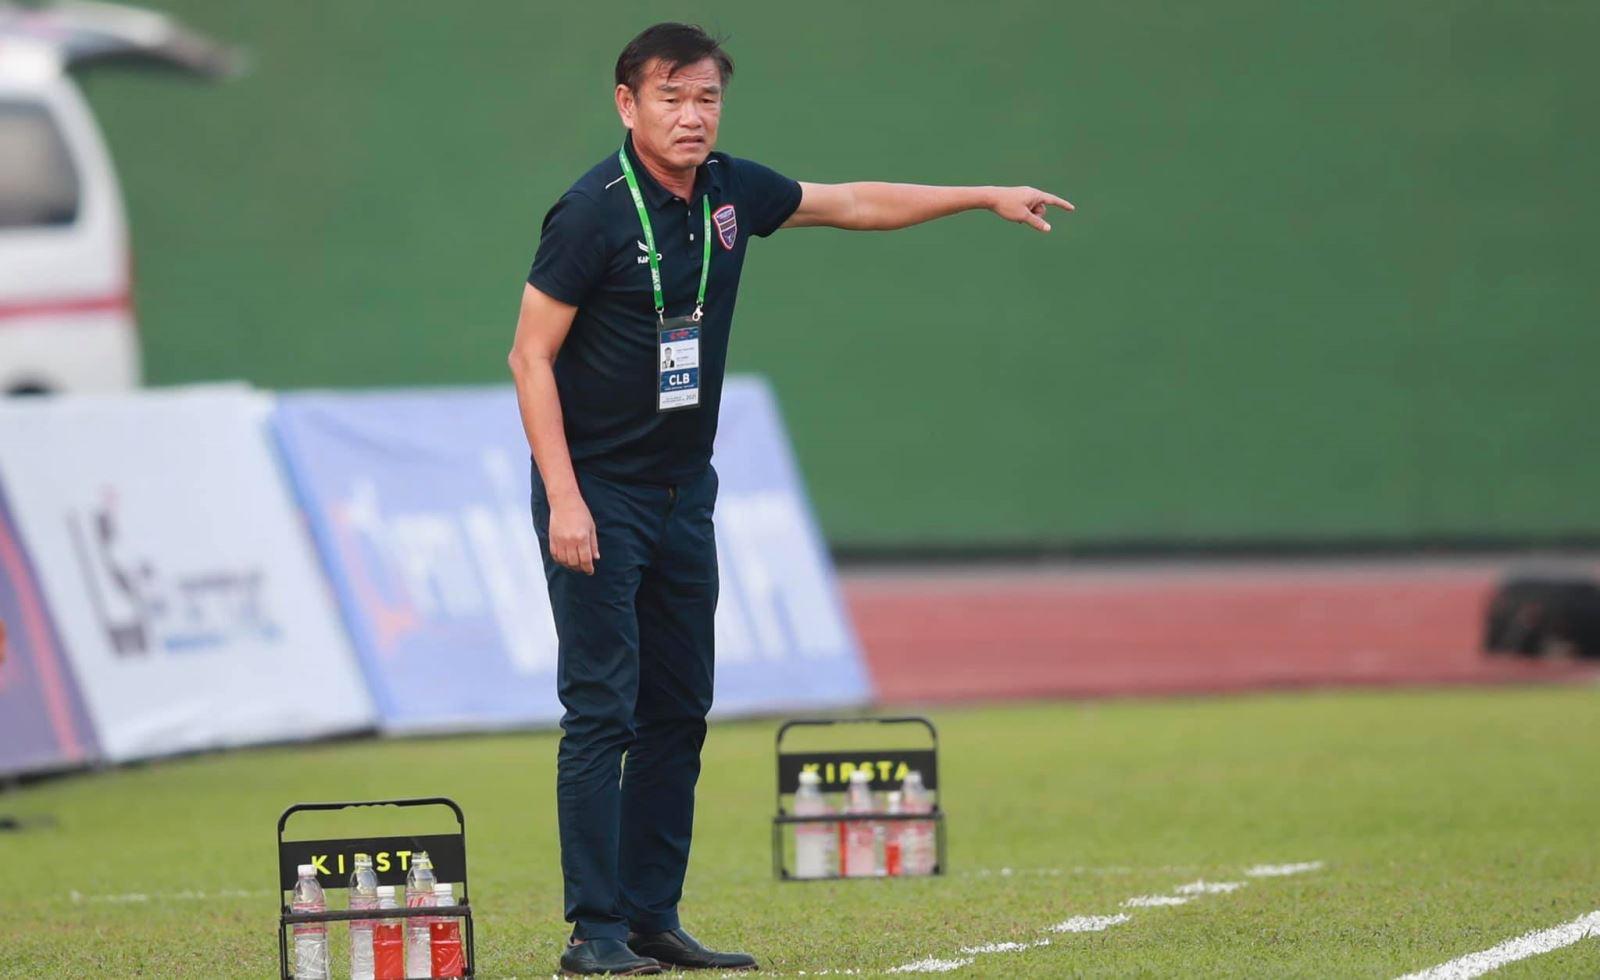 bóng đá Việt Nam, tin tức bóng đá, CLB TPHCM, Thanh Thắng, V-League, lịch thi đấu vòng 10 V-League, Nam Định vs TPHCM, BXH V-League, Bùi Tiến Dũng, VFF, VPF